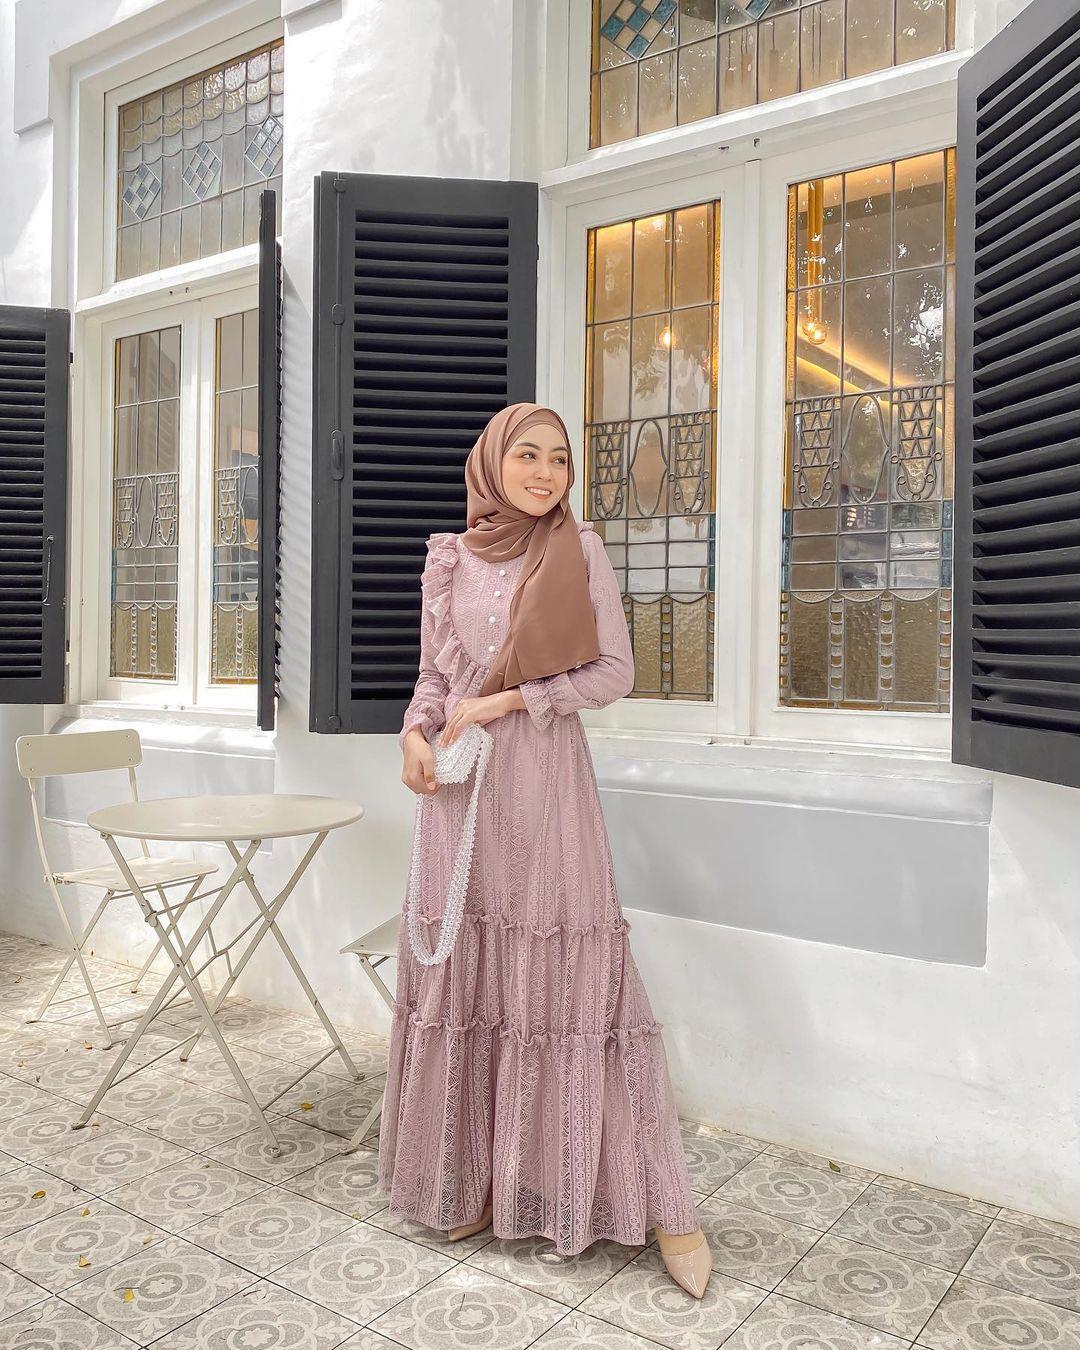 Inspirasi Model Dress Hijab Kekinian untuk Cewek Hijabers